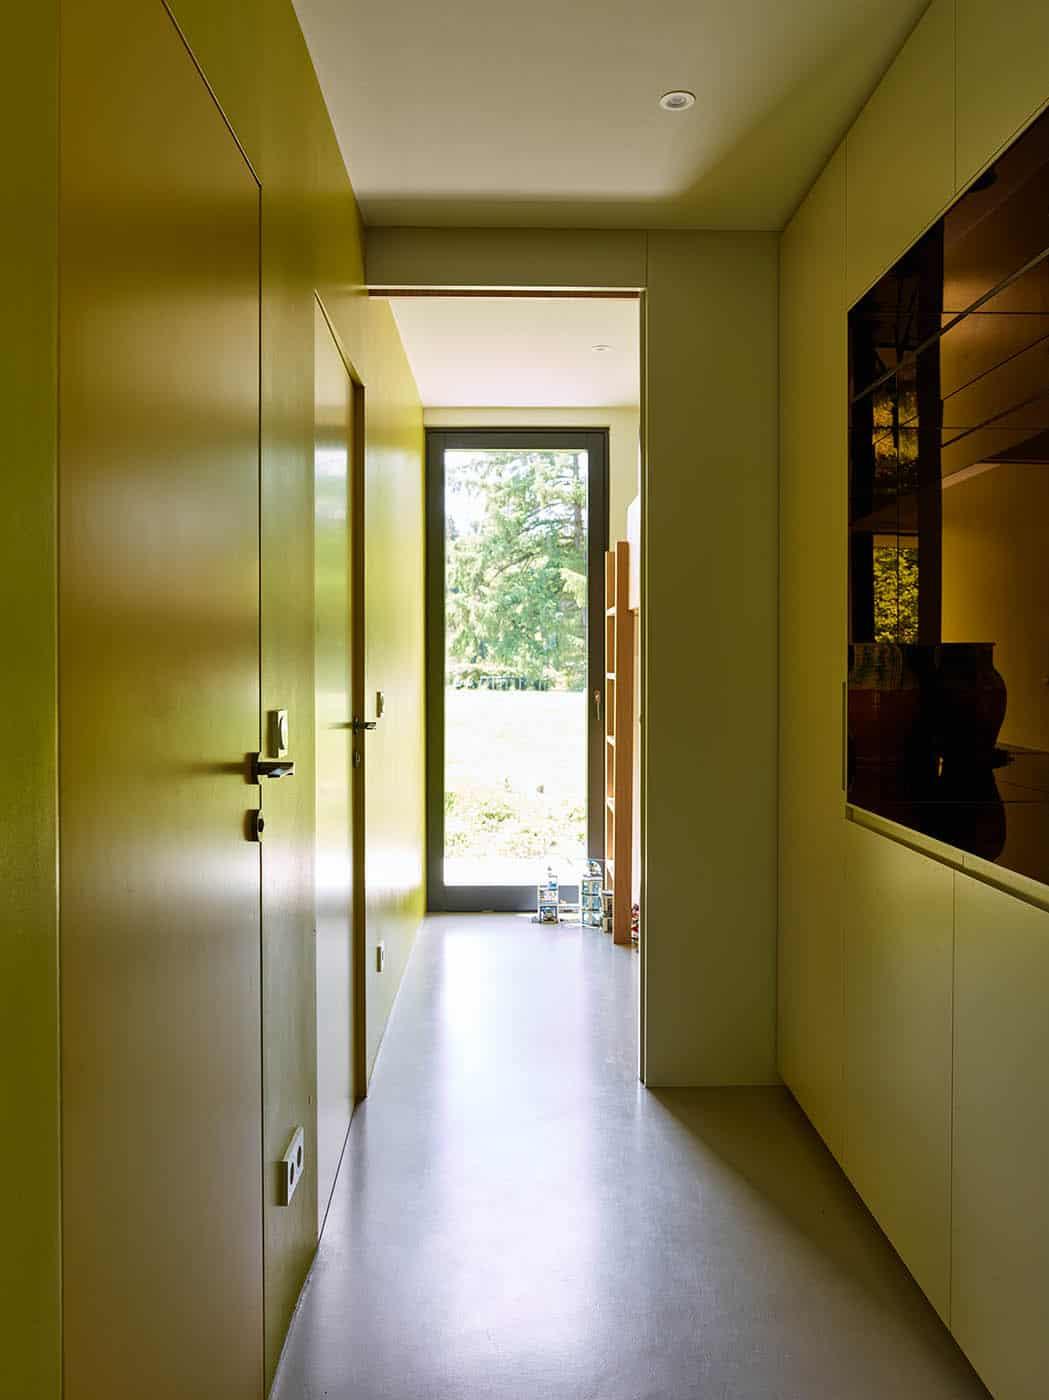 Austria / Kaernten / VillachHaus MOA / Murero Bresciano Architektur